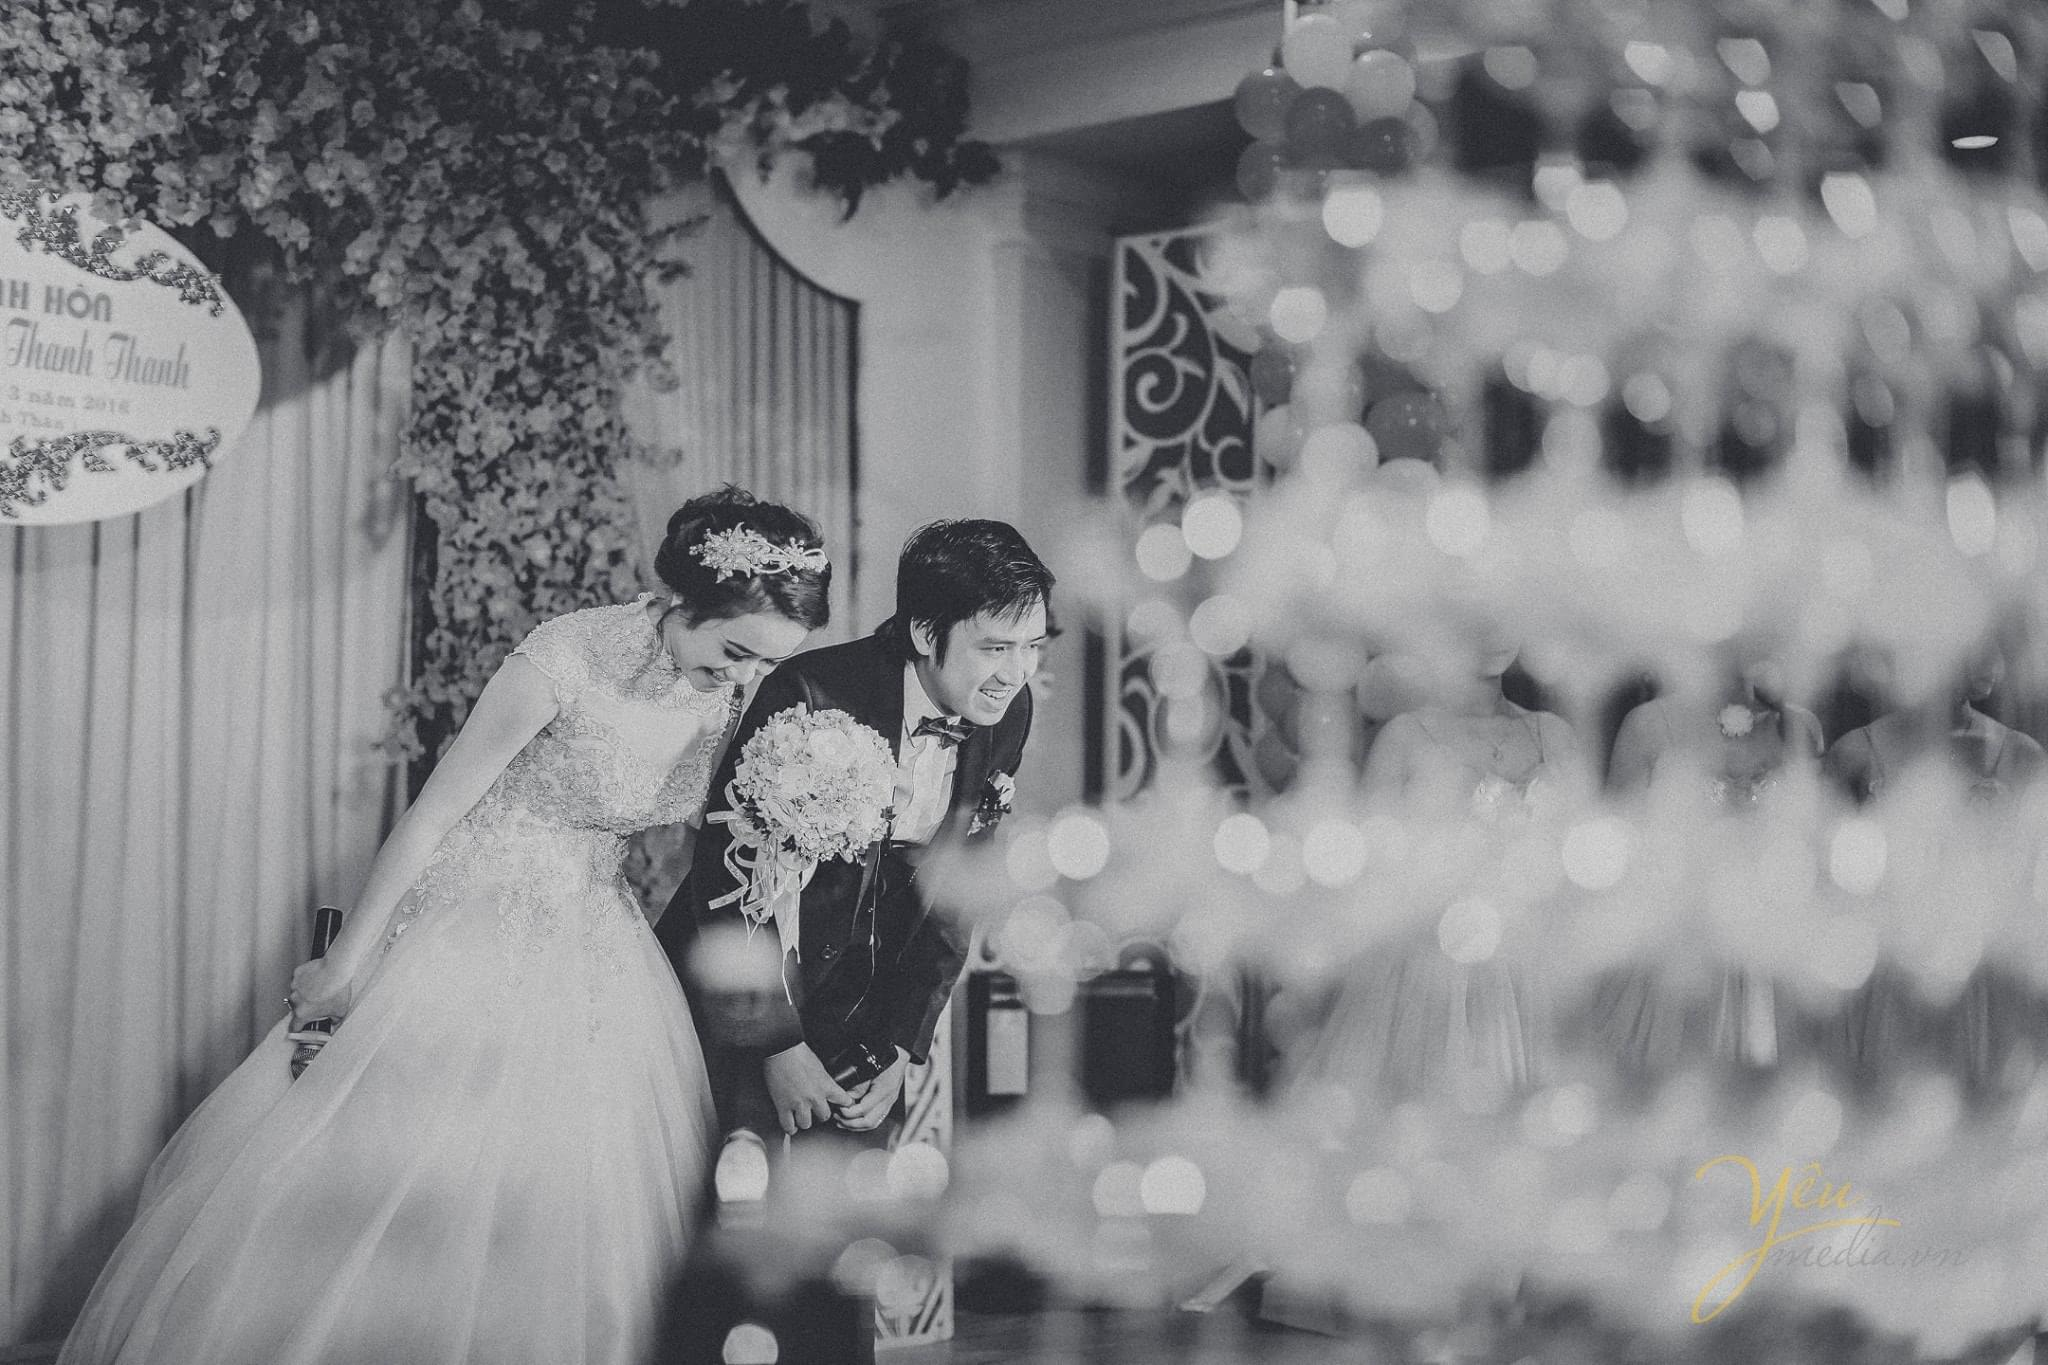 cô dâu chú rể cúi người cảm ơn trong lễ cưới